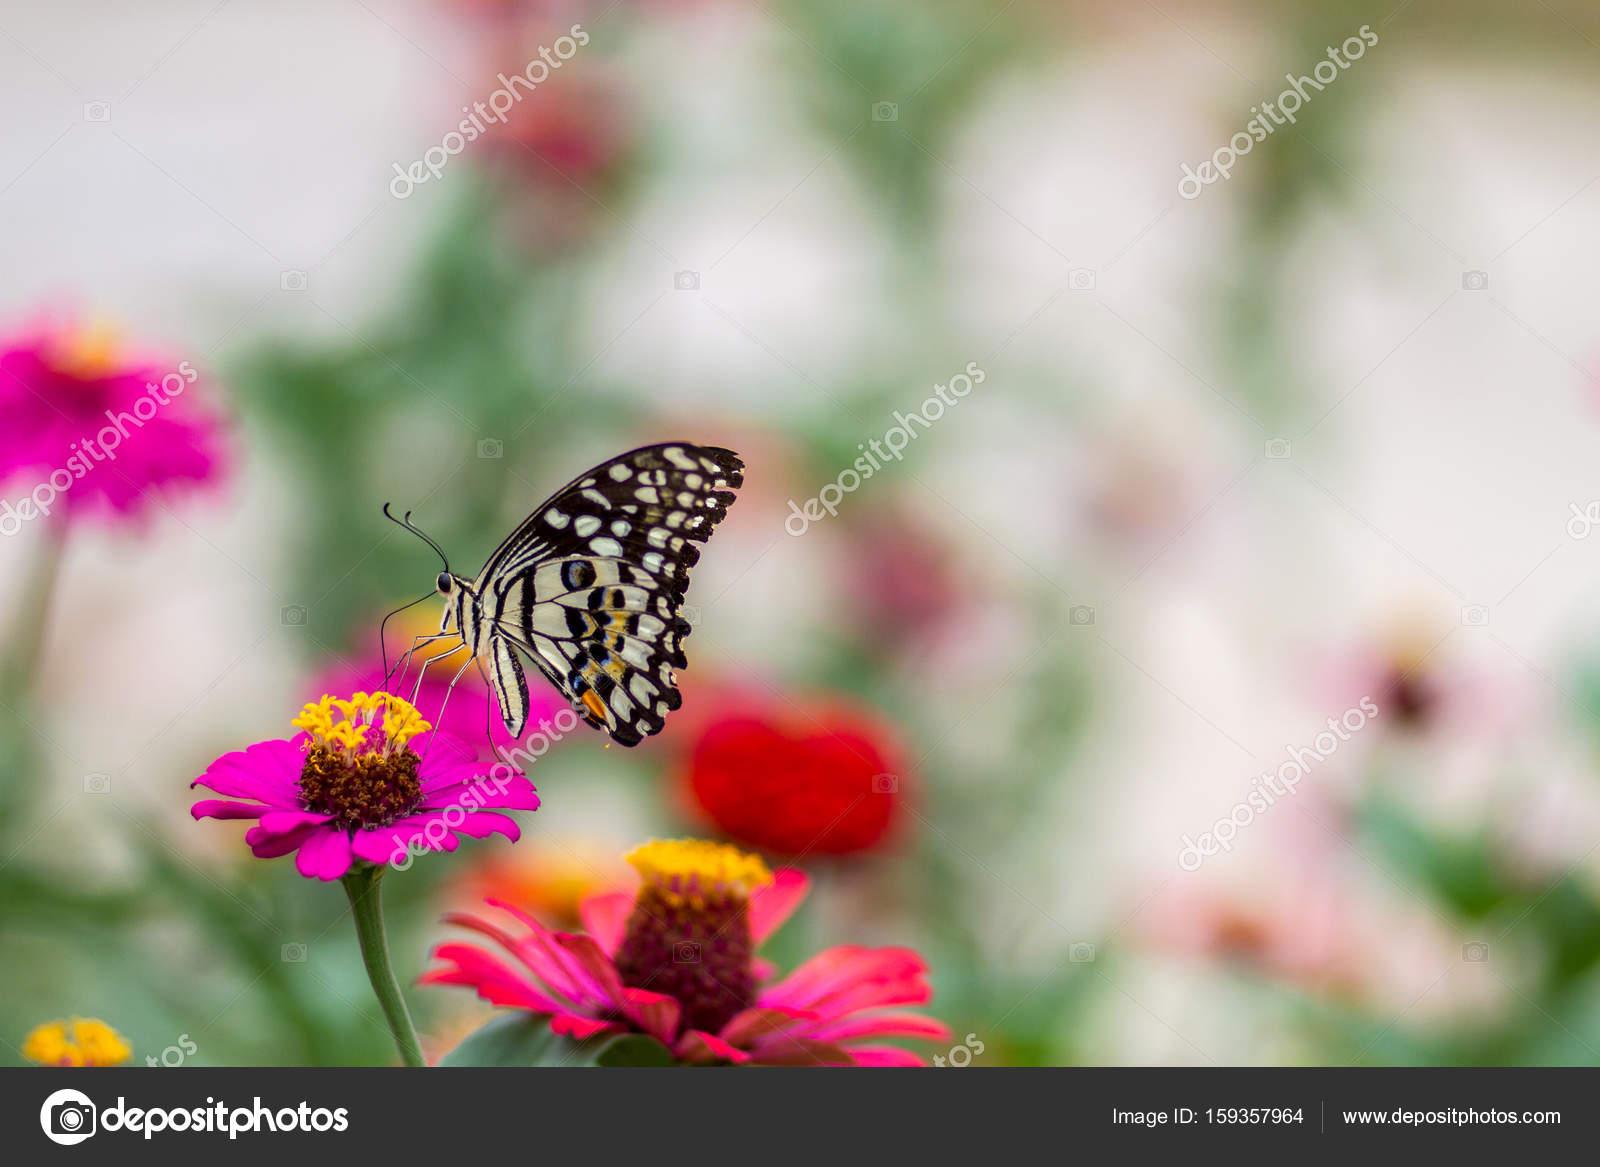 Beau papillon avec fleur et fond flou photographie c25 - Papillon fleur ...